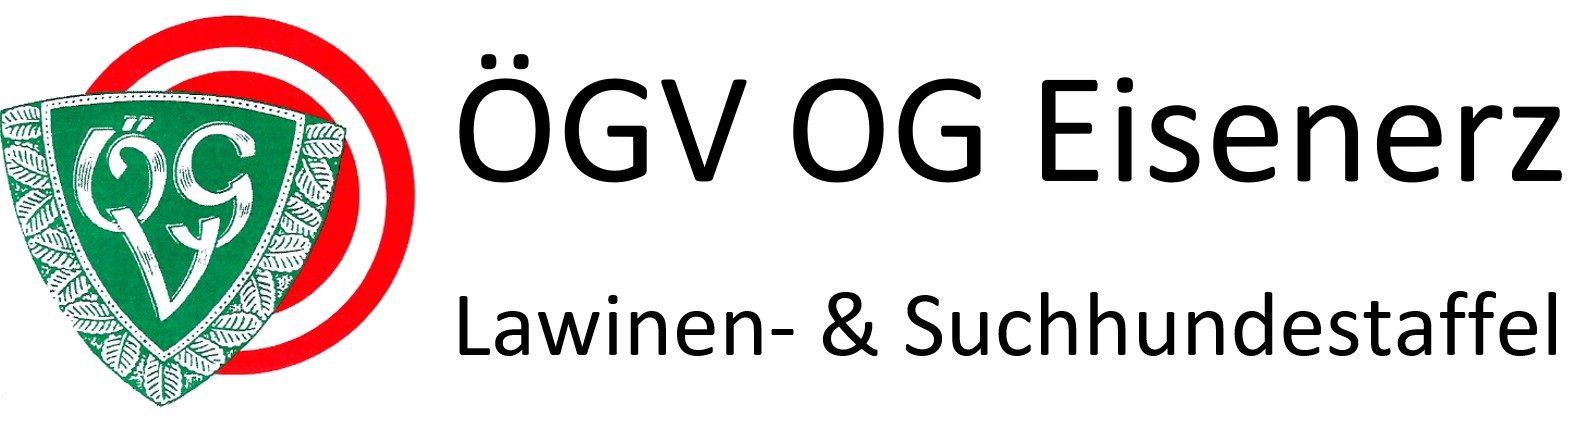 ÖGV OG Eisenerz